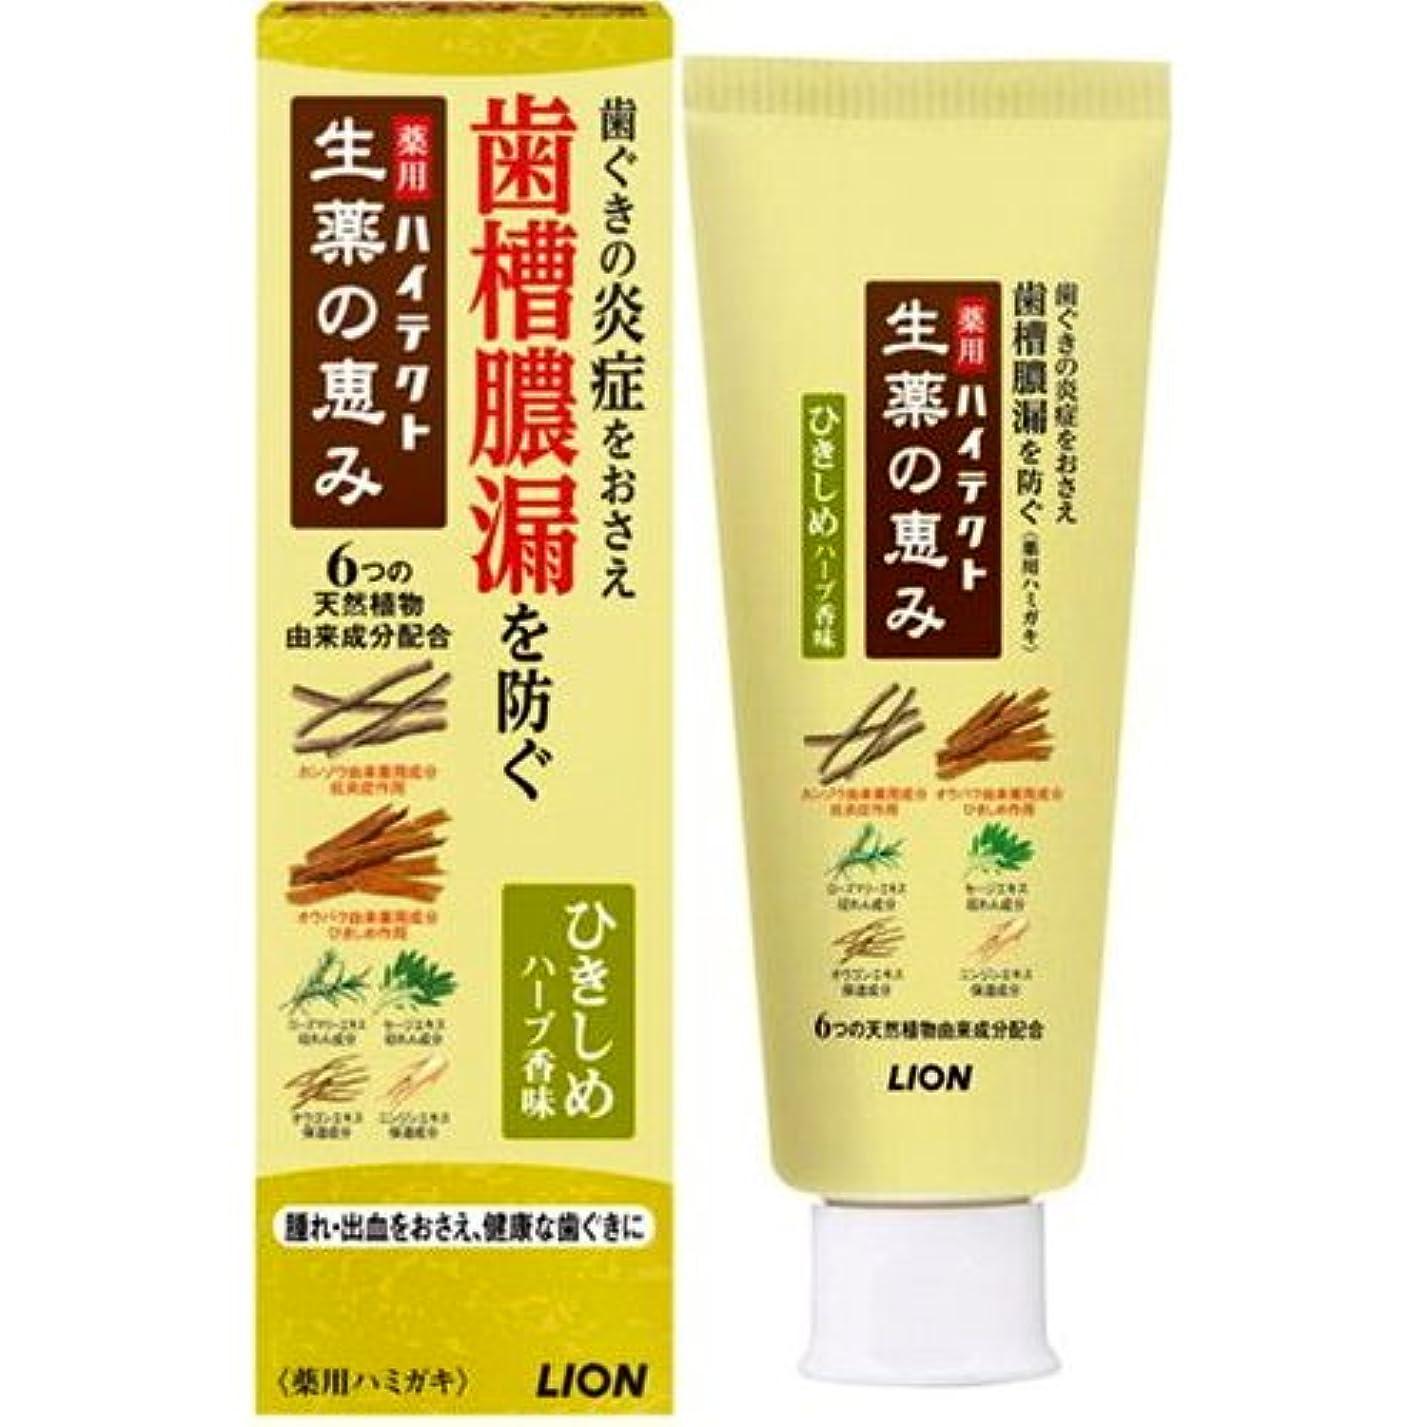 祭り公各【ライオン】ハイテクト 生薬の恵み ひきしめハーブ香味 90g ×3個セット